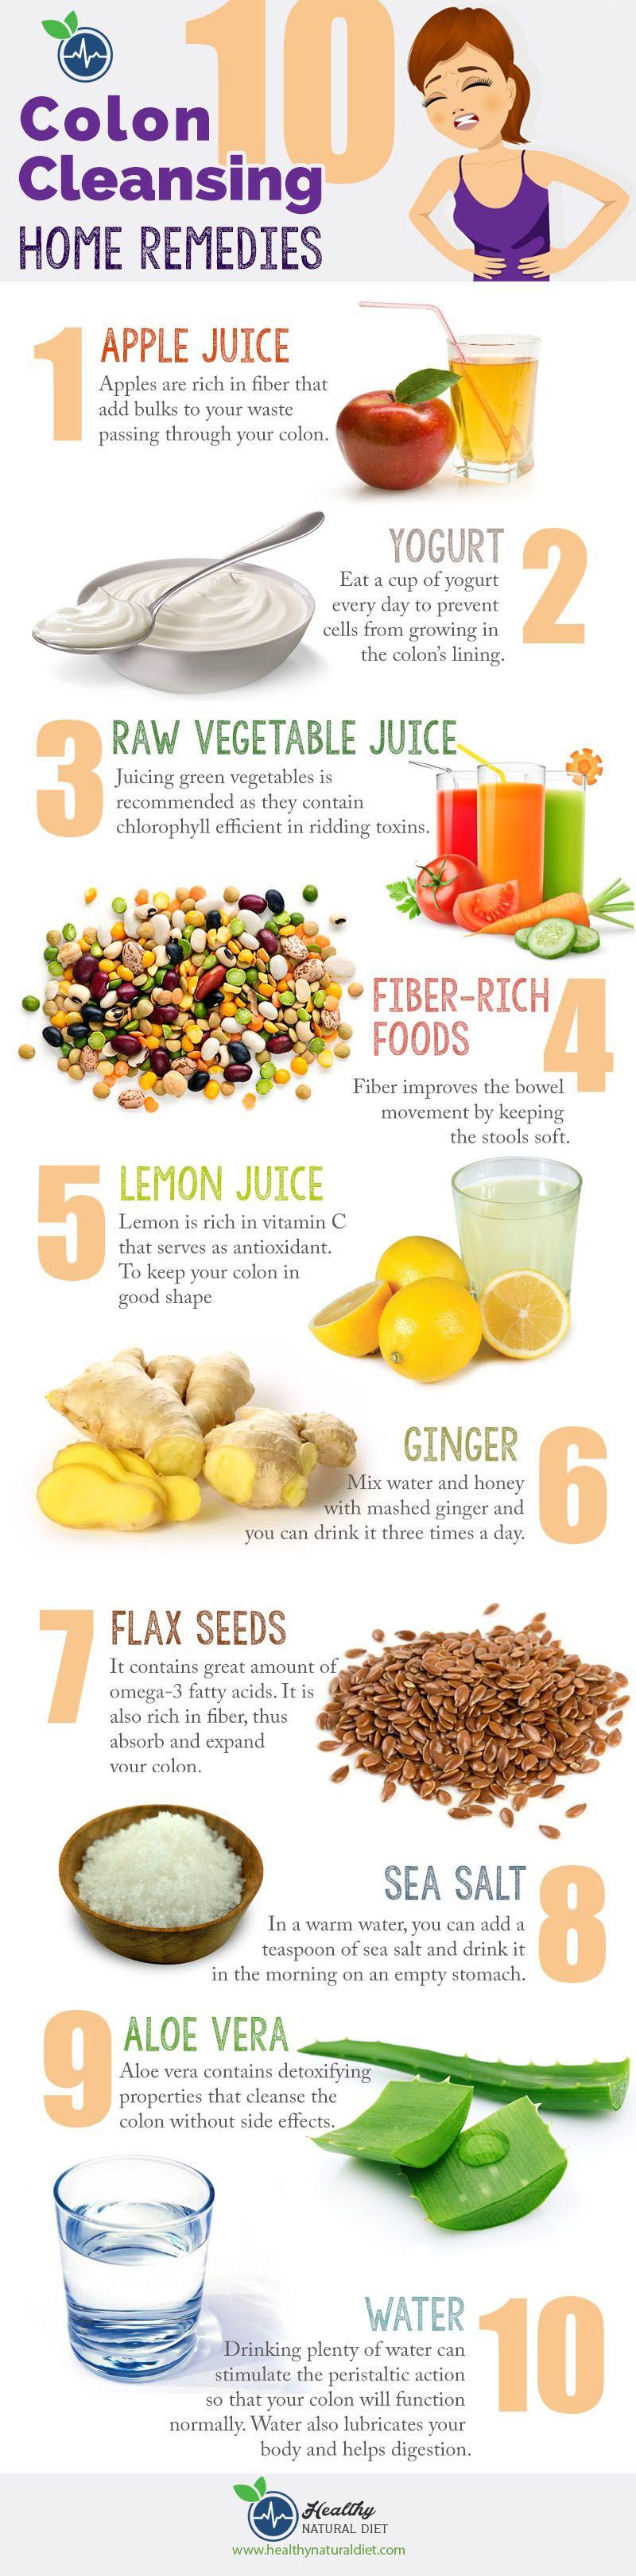 Top 10 detox colon